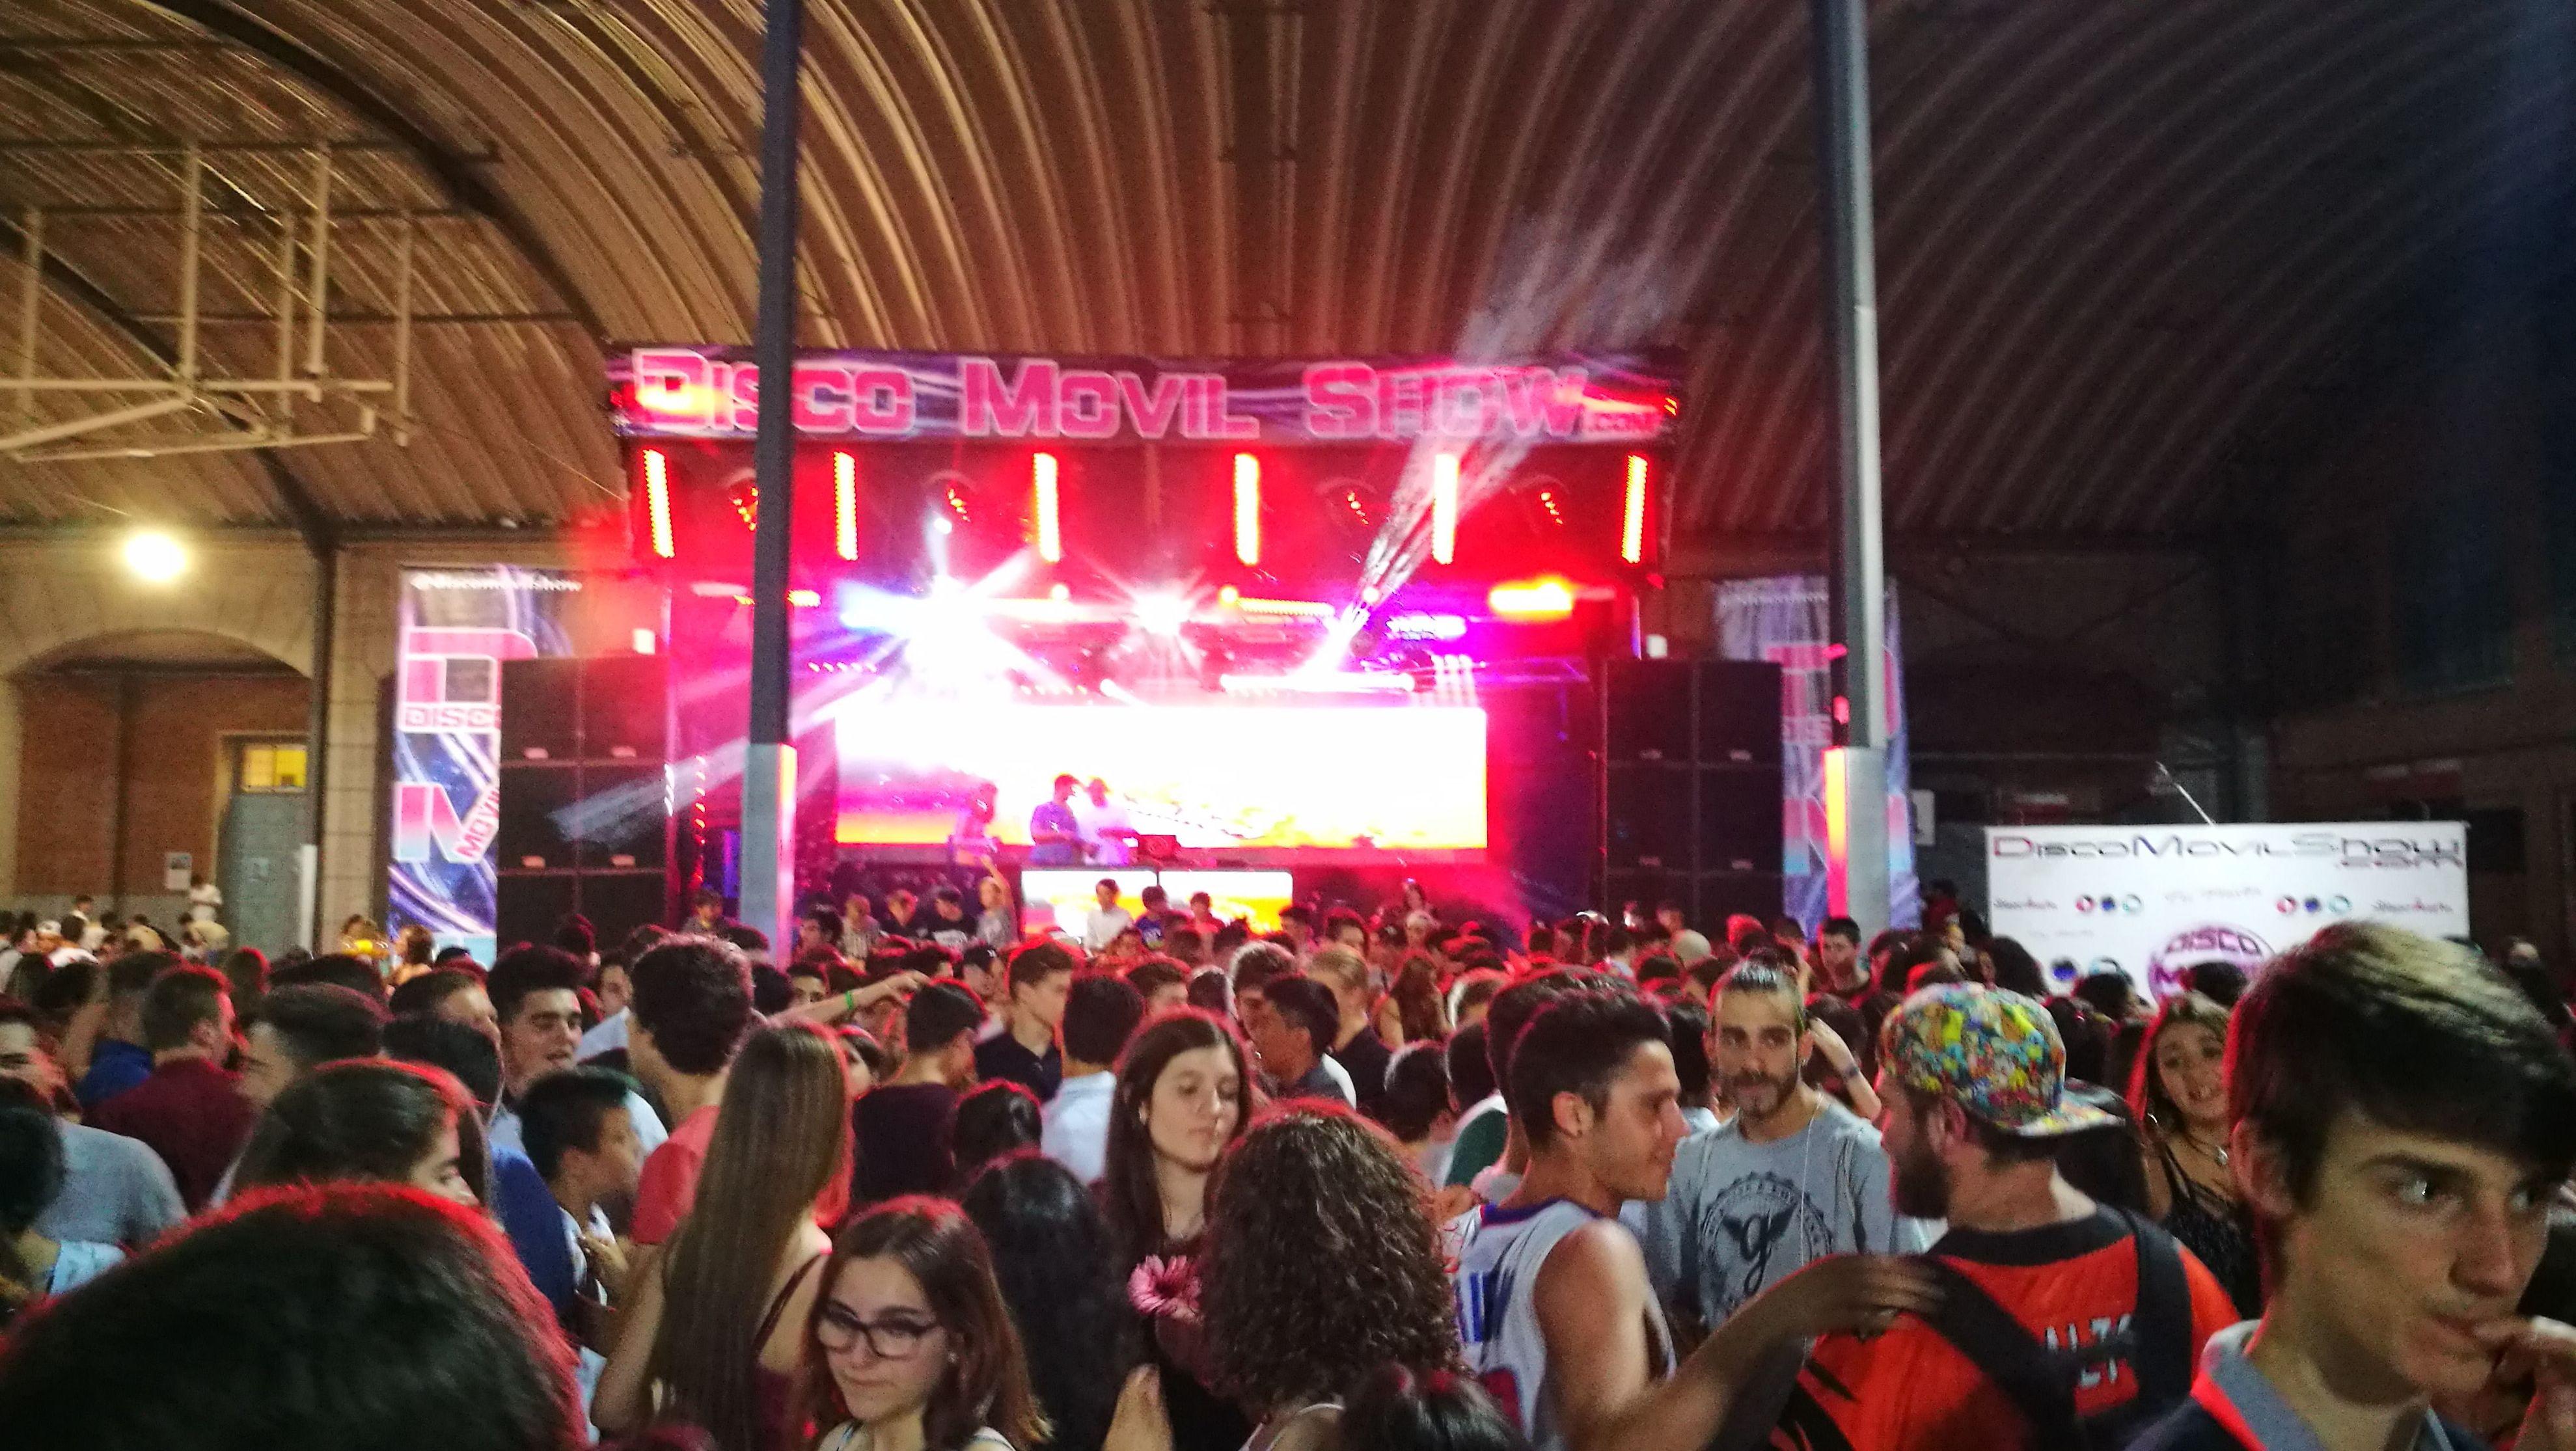 Macro Disco: Servicios de Disco Móvil Show